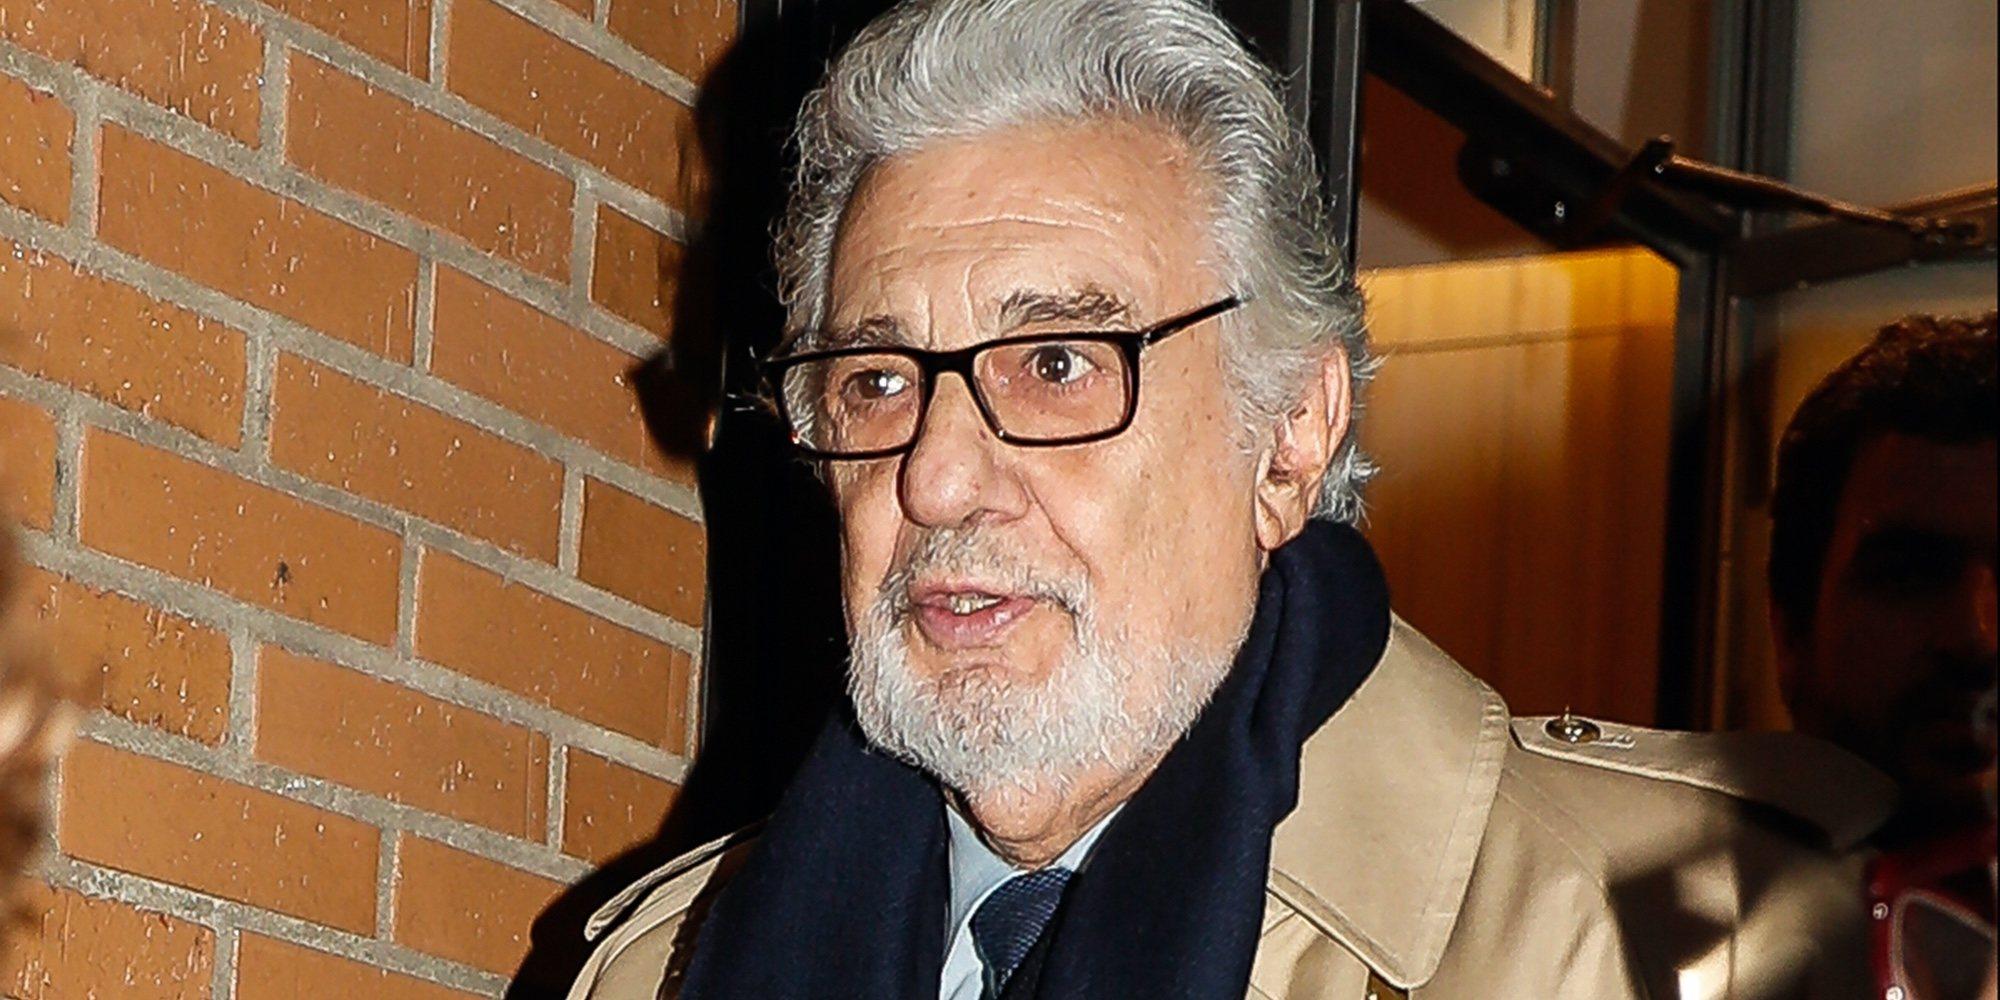 El sindicato que investigó a Plácido Domingo por acoso sexual le pidió medio millón de dólares por su silencio